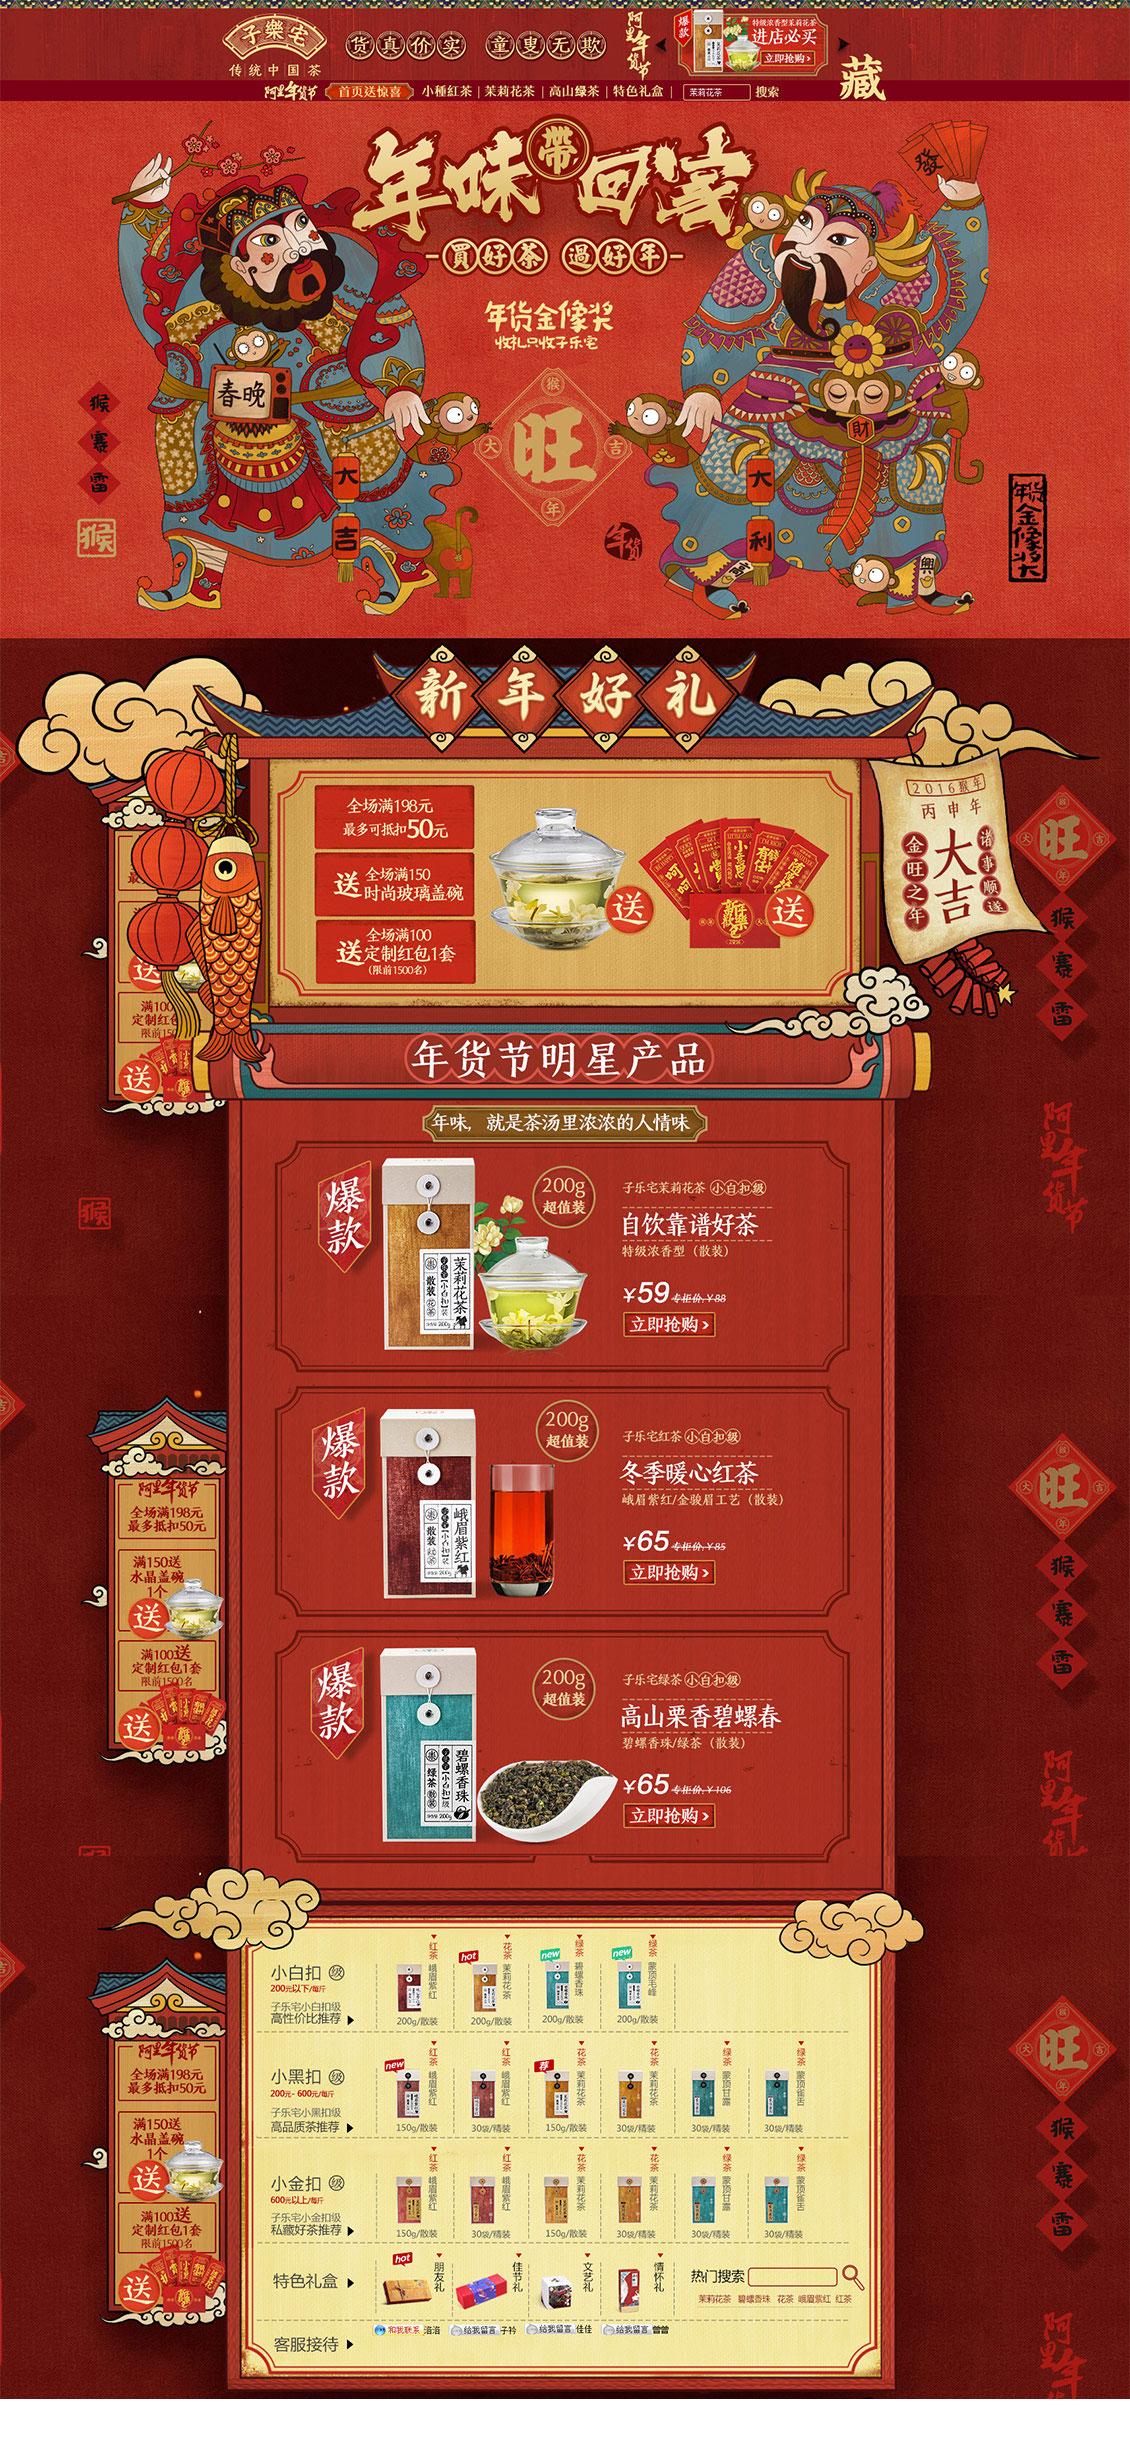 子乐宅茶叶店铺新年活动专题